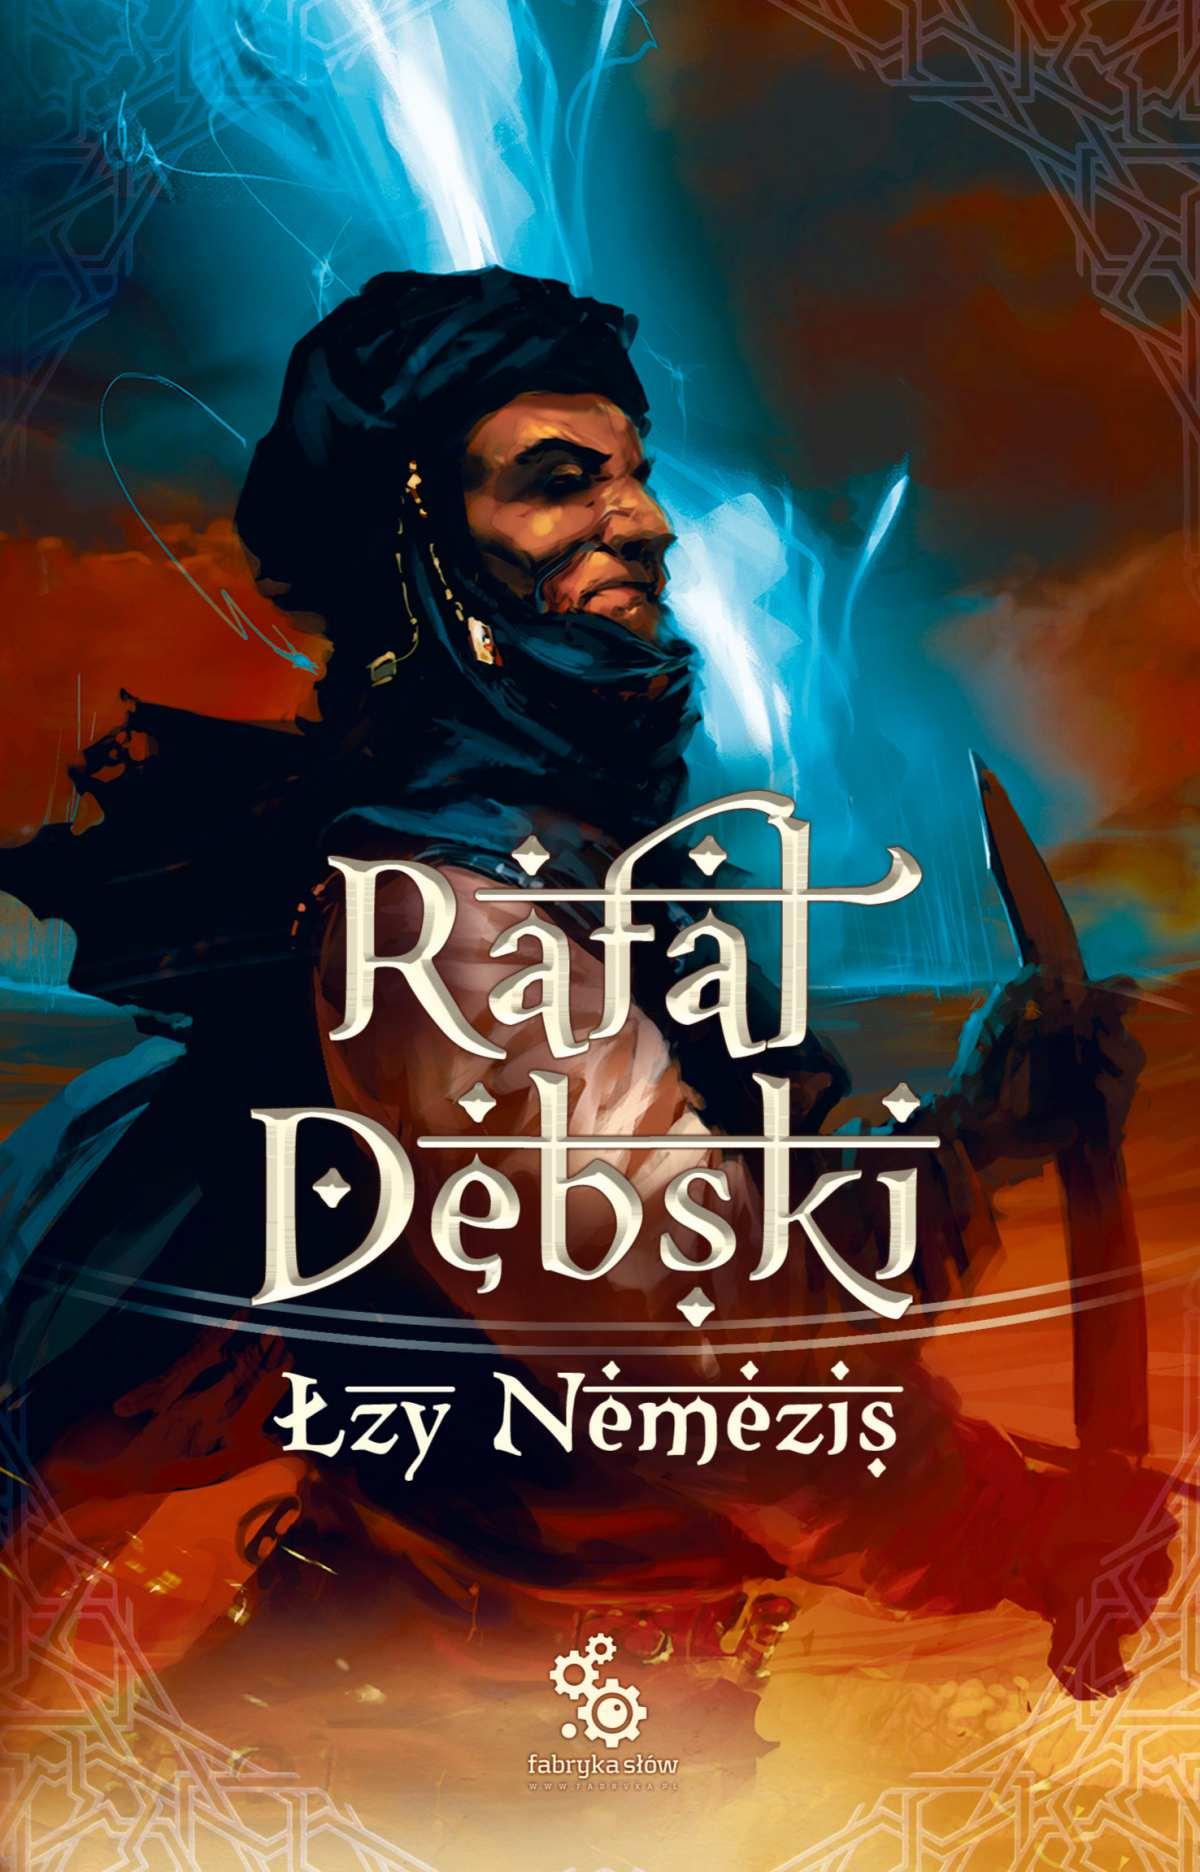 Łzy Nemezis - Ebook (Książka EPUB) do pobrania w formacie EPUB